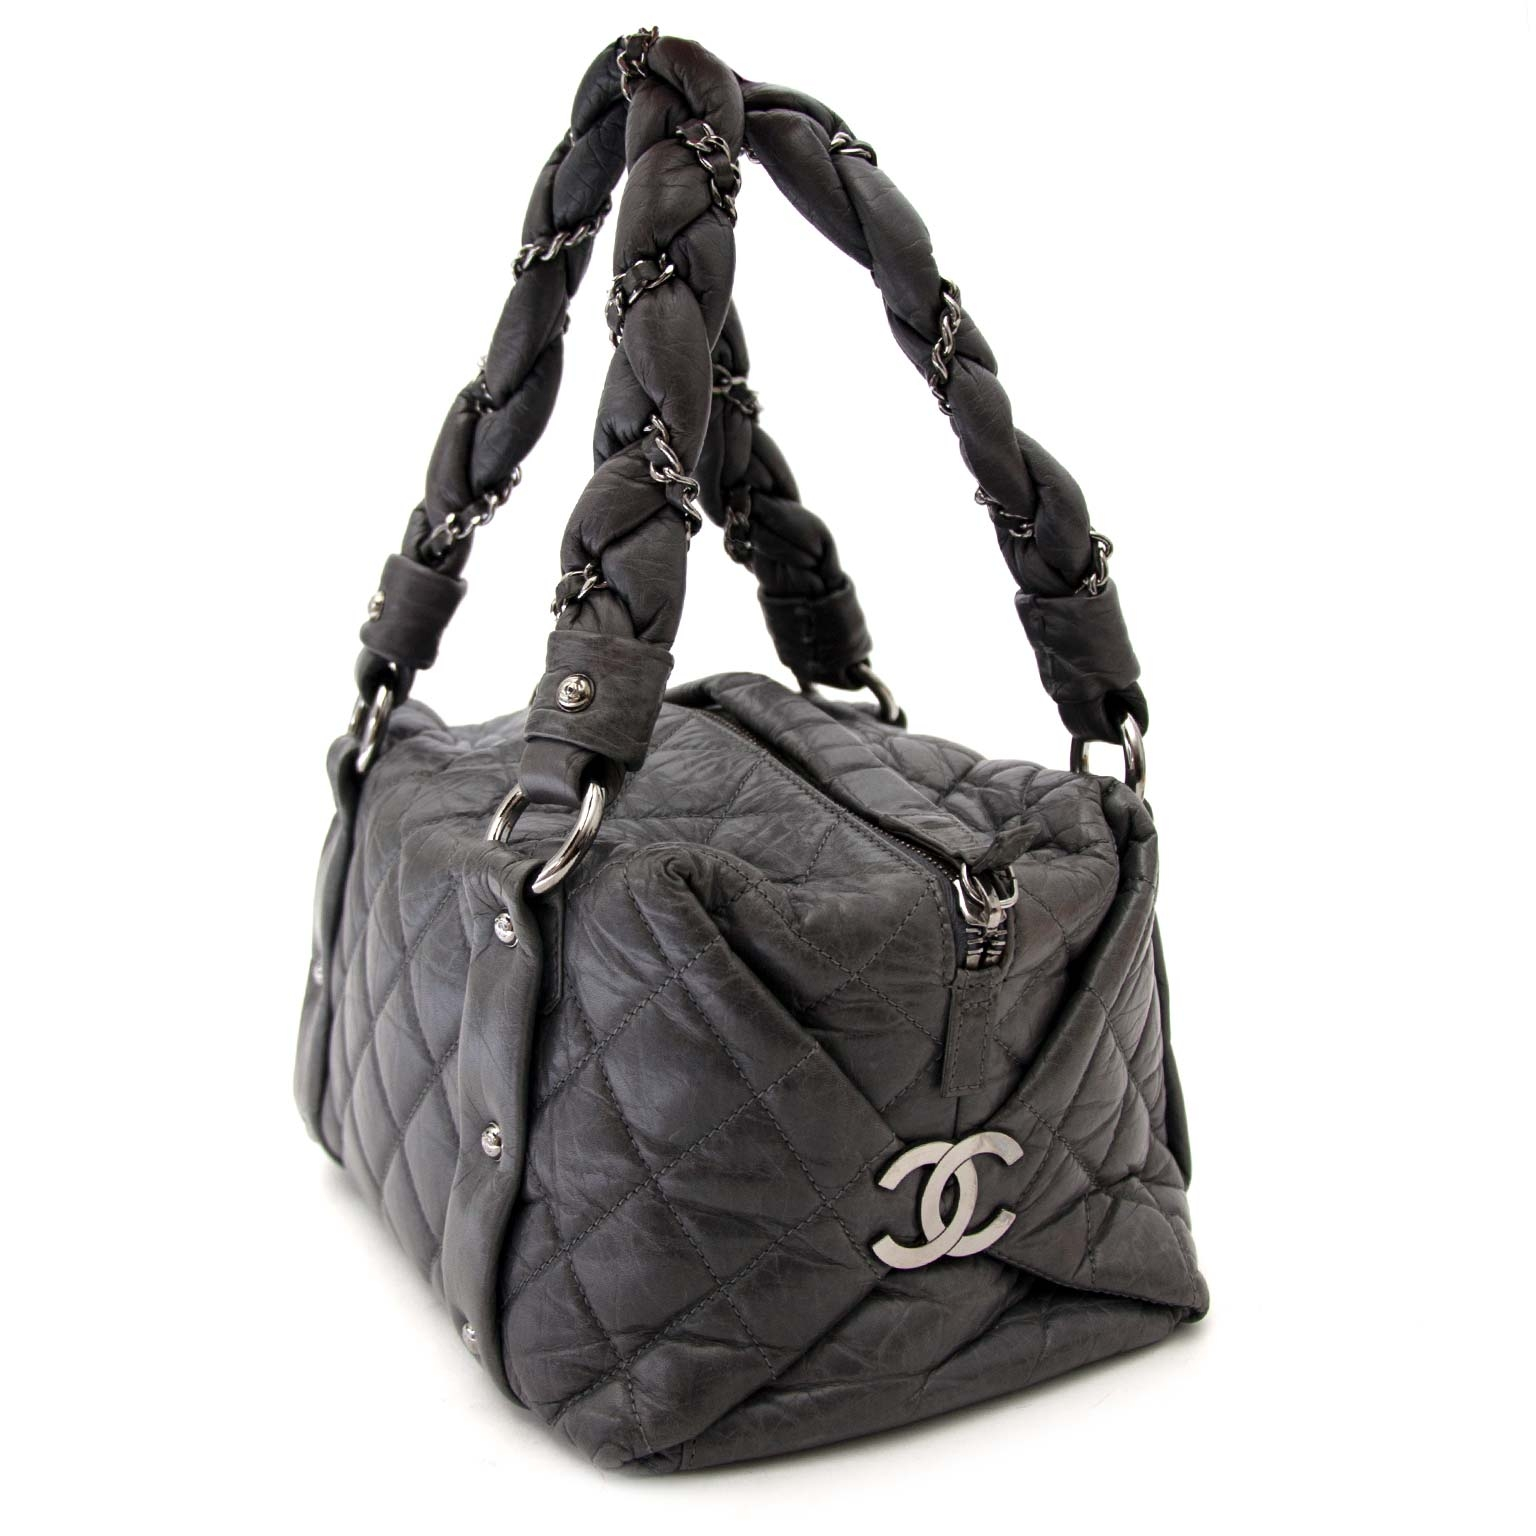 Chanel Grey Distressed Leather Lady Braid Small Tote Bag koop veilig online jou tweedehands handtas